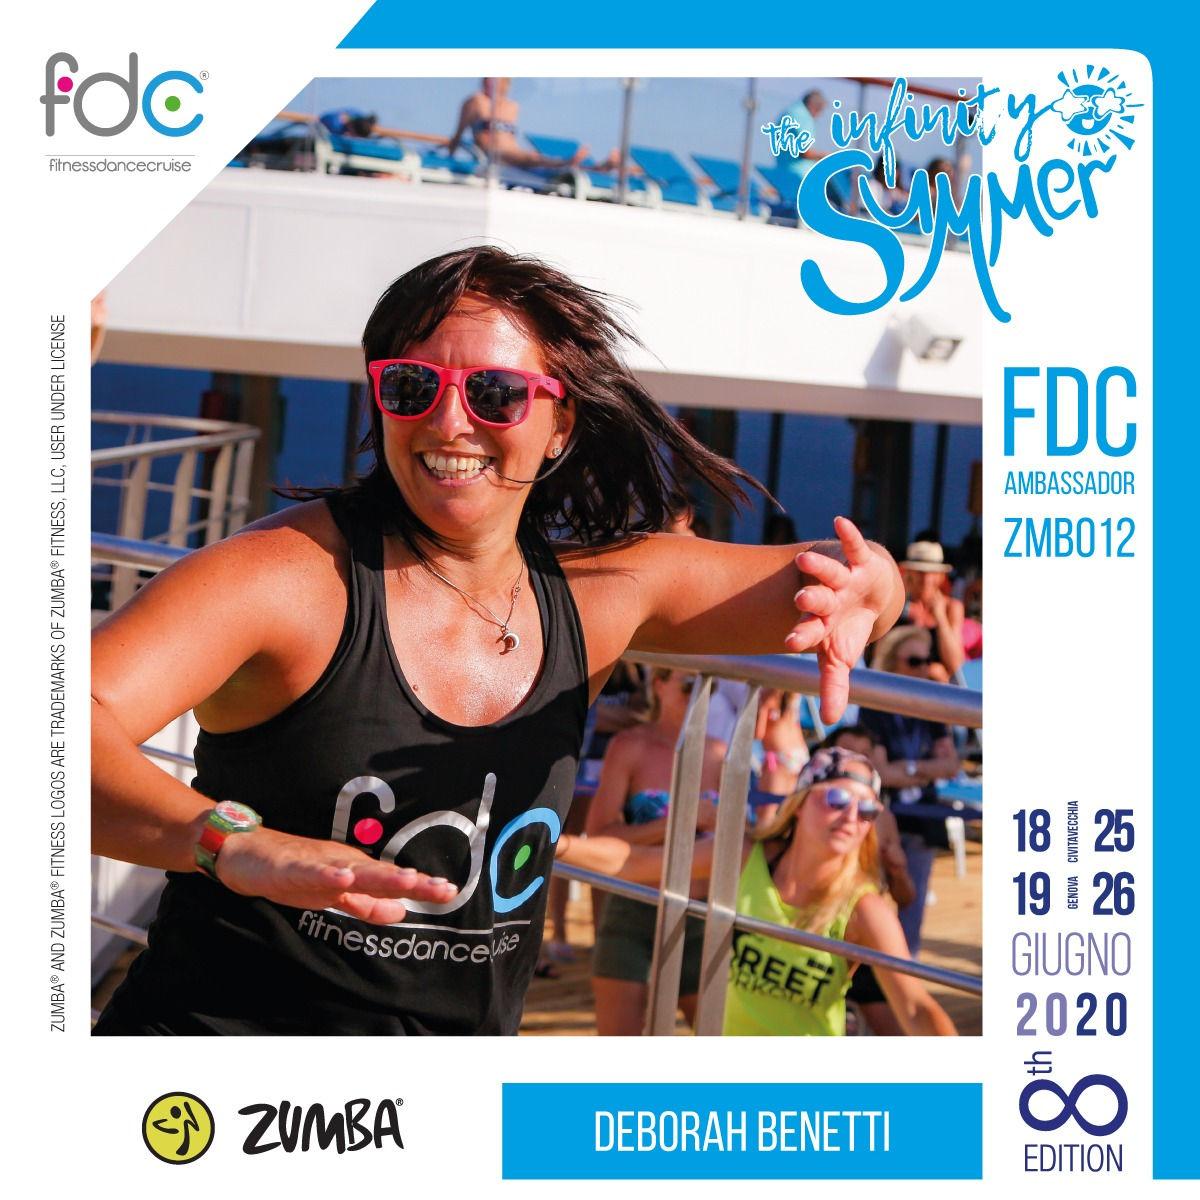 FDC Team Deborah Benetti